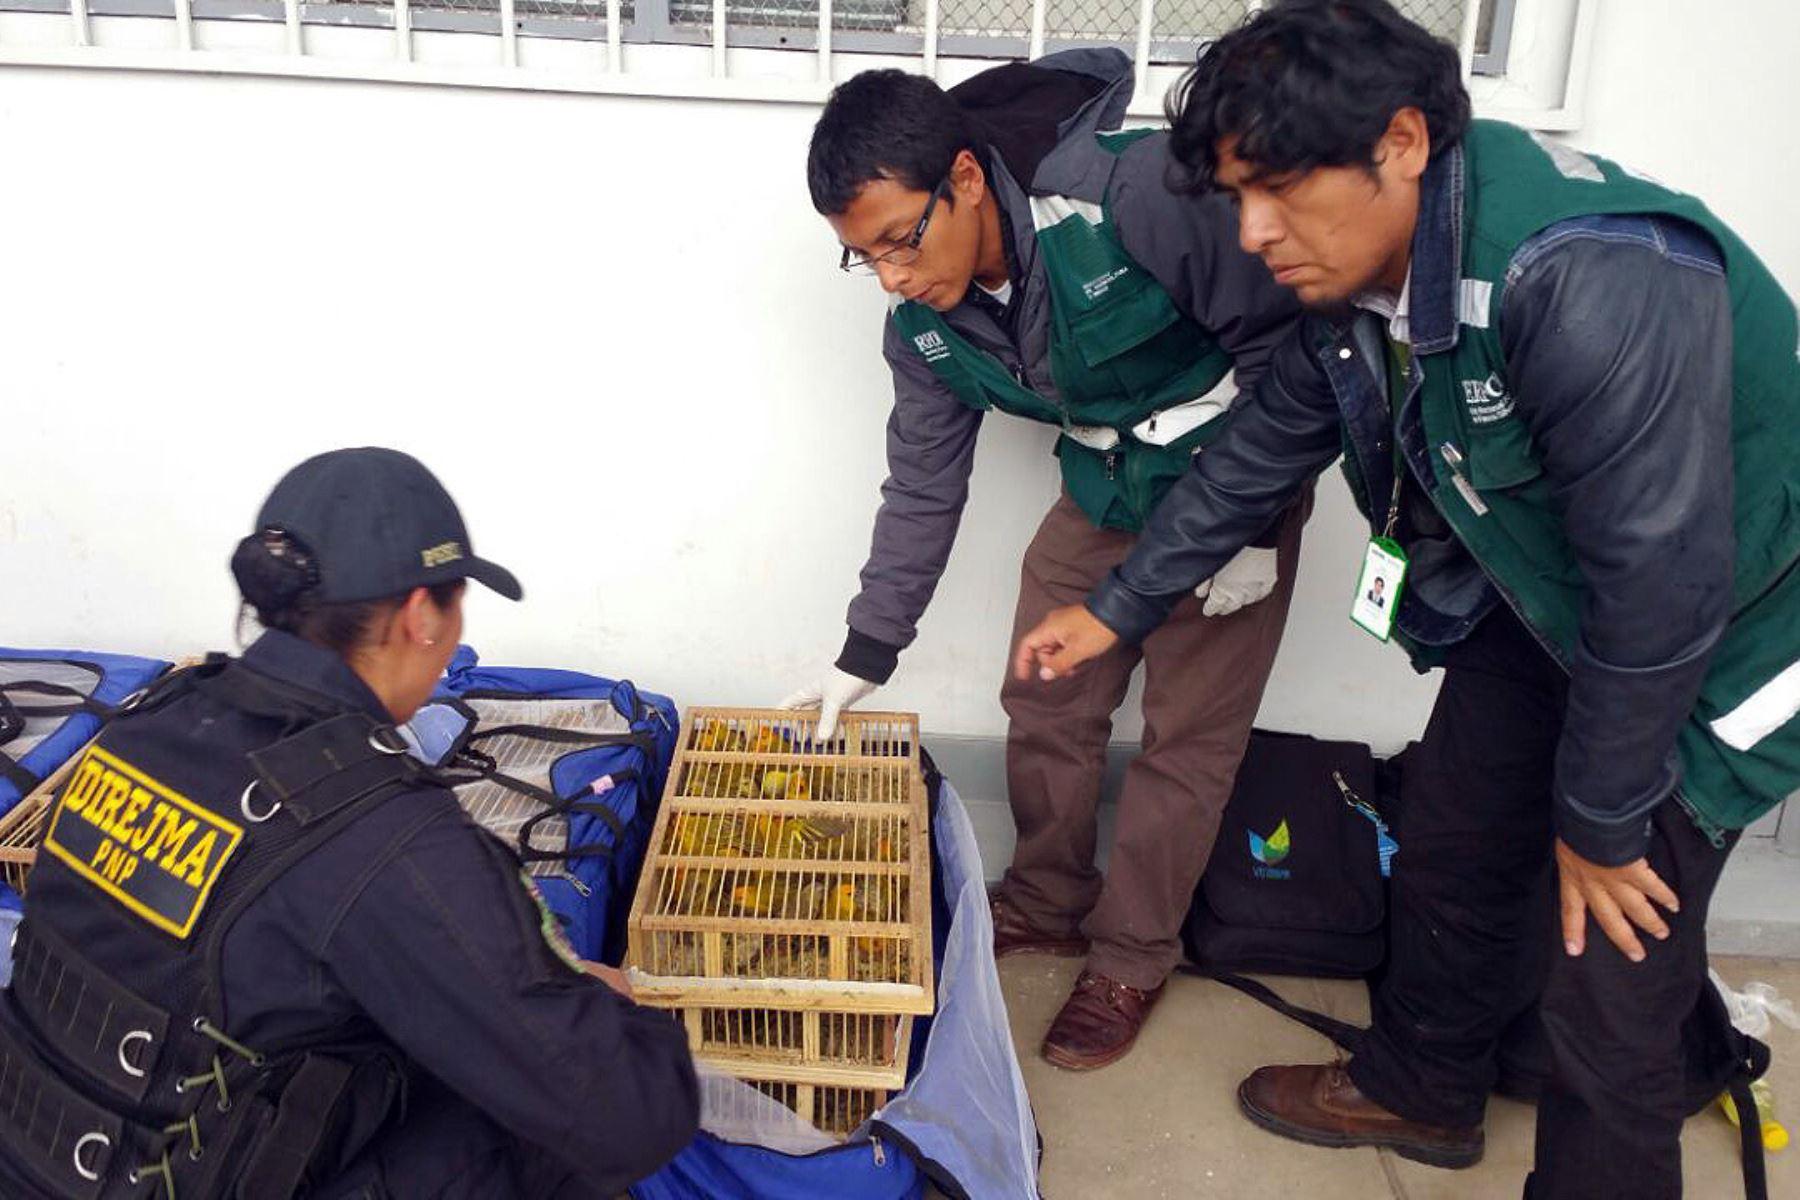 Más de 10,000 animales vivos fueron rescatados del tráfico de fauna silvestre durante 2017, revela el Serfor. ANDINA/Difusión